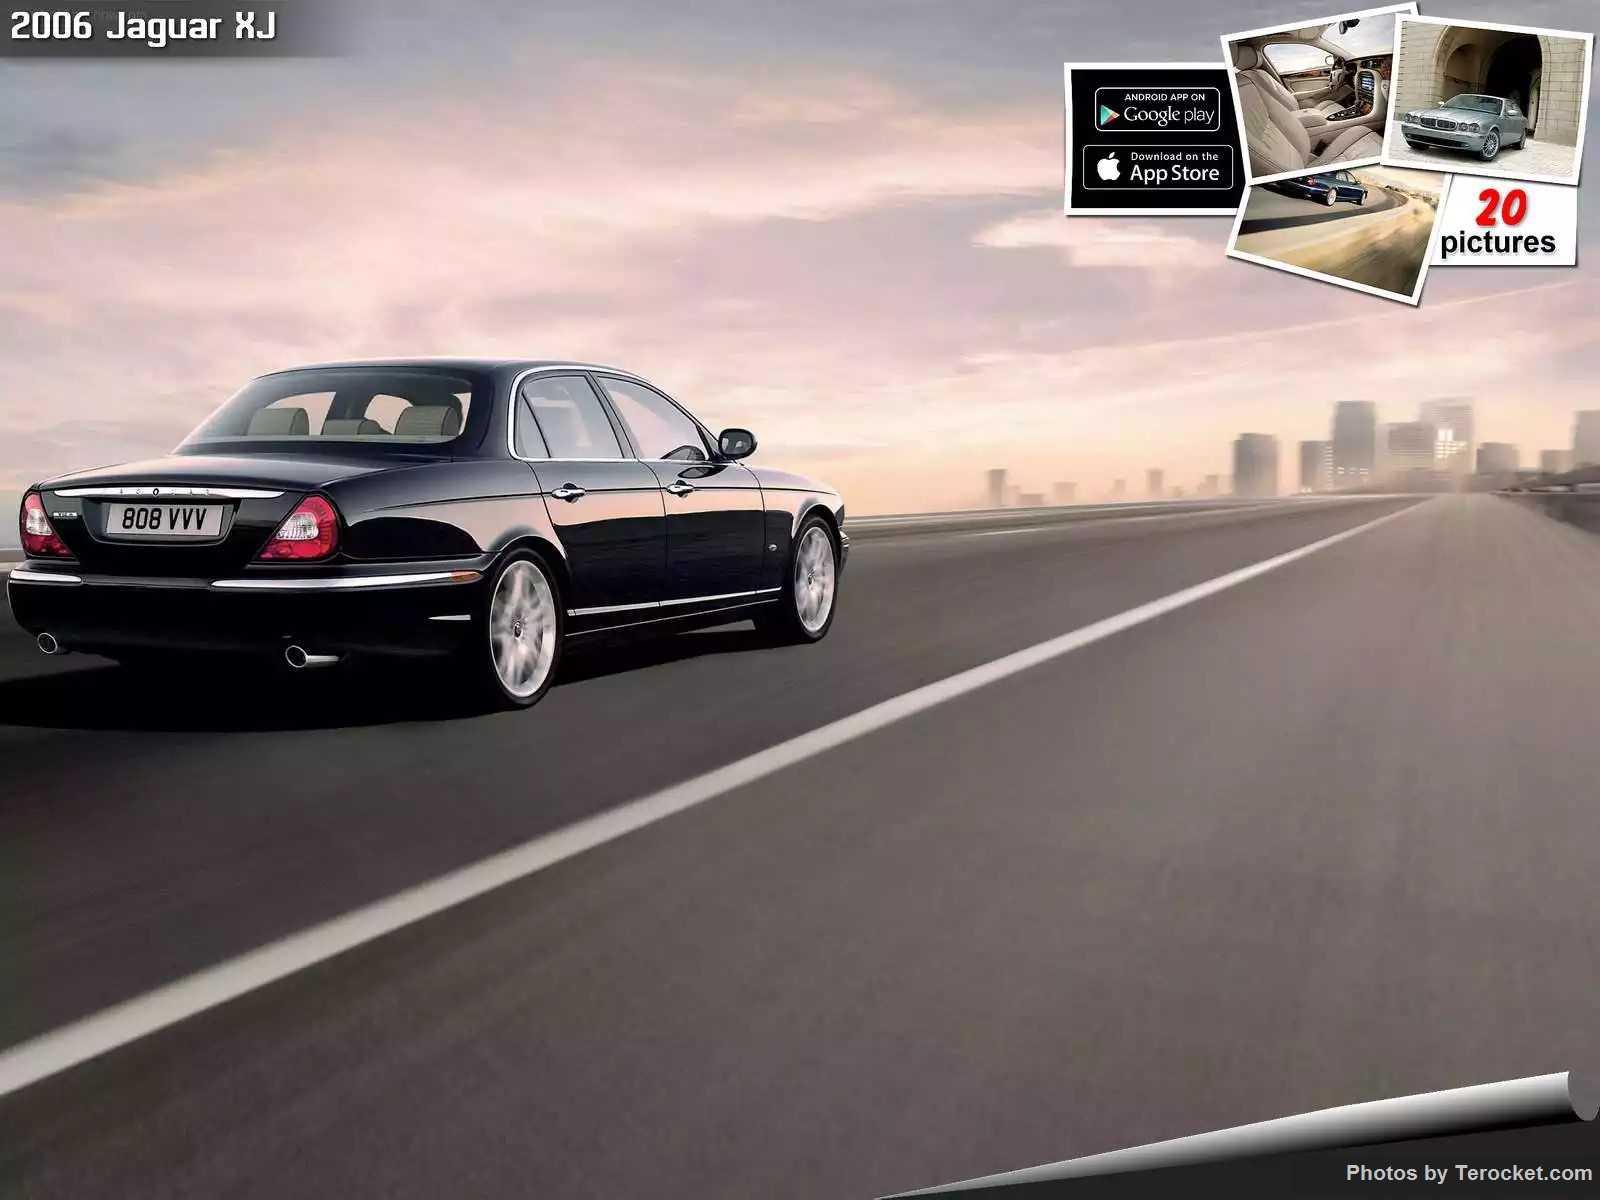 Hình ảnh xe ô tô Jaguar XJ 2006 & nội ngoại thất